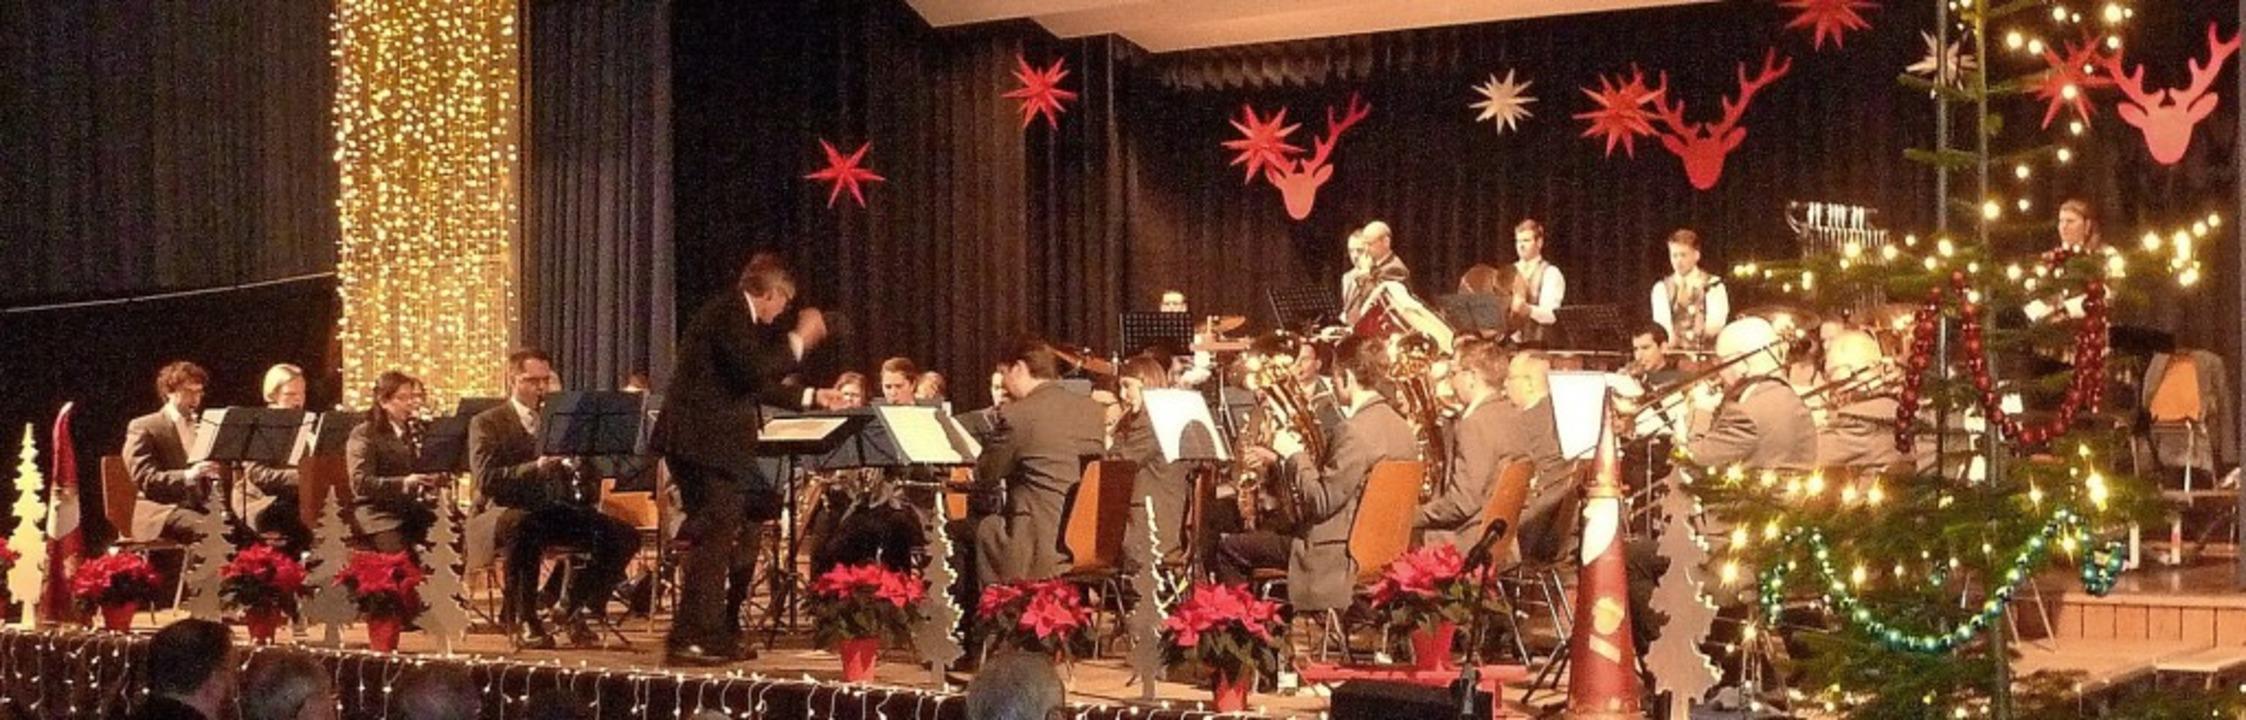 Großartige Musik wurde in der weihnachtlich geschmückten Halle geboten.  | Foto: Karlernst Lauffer